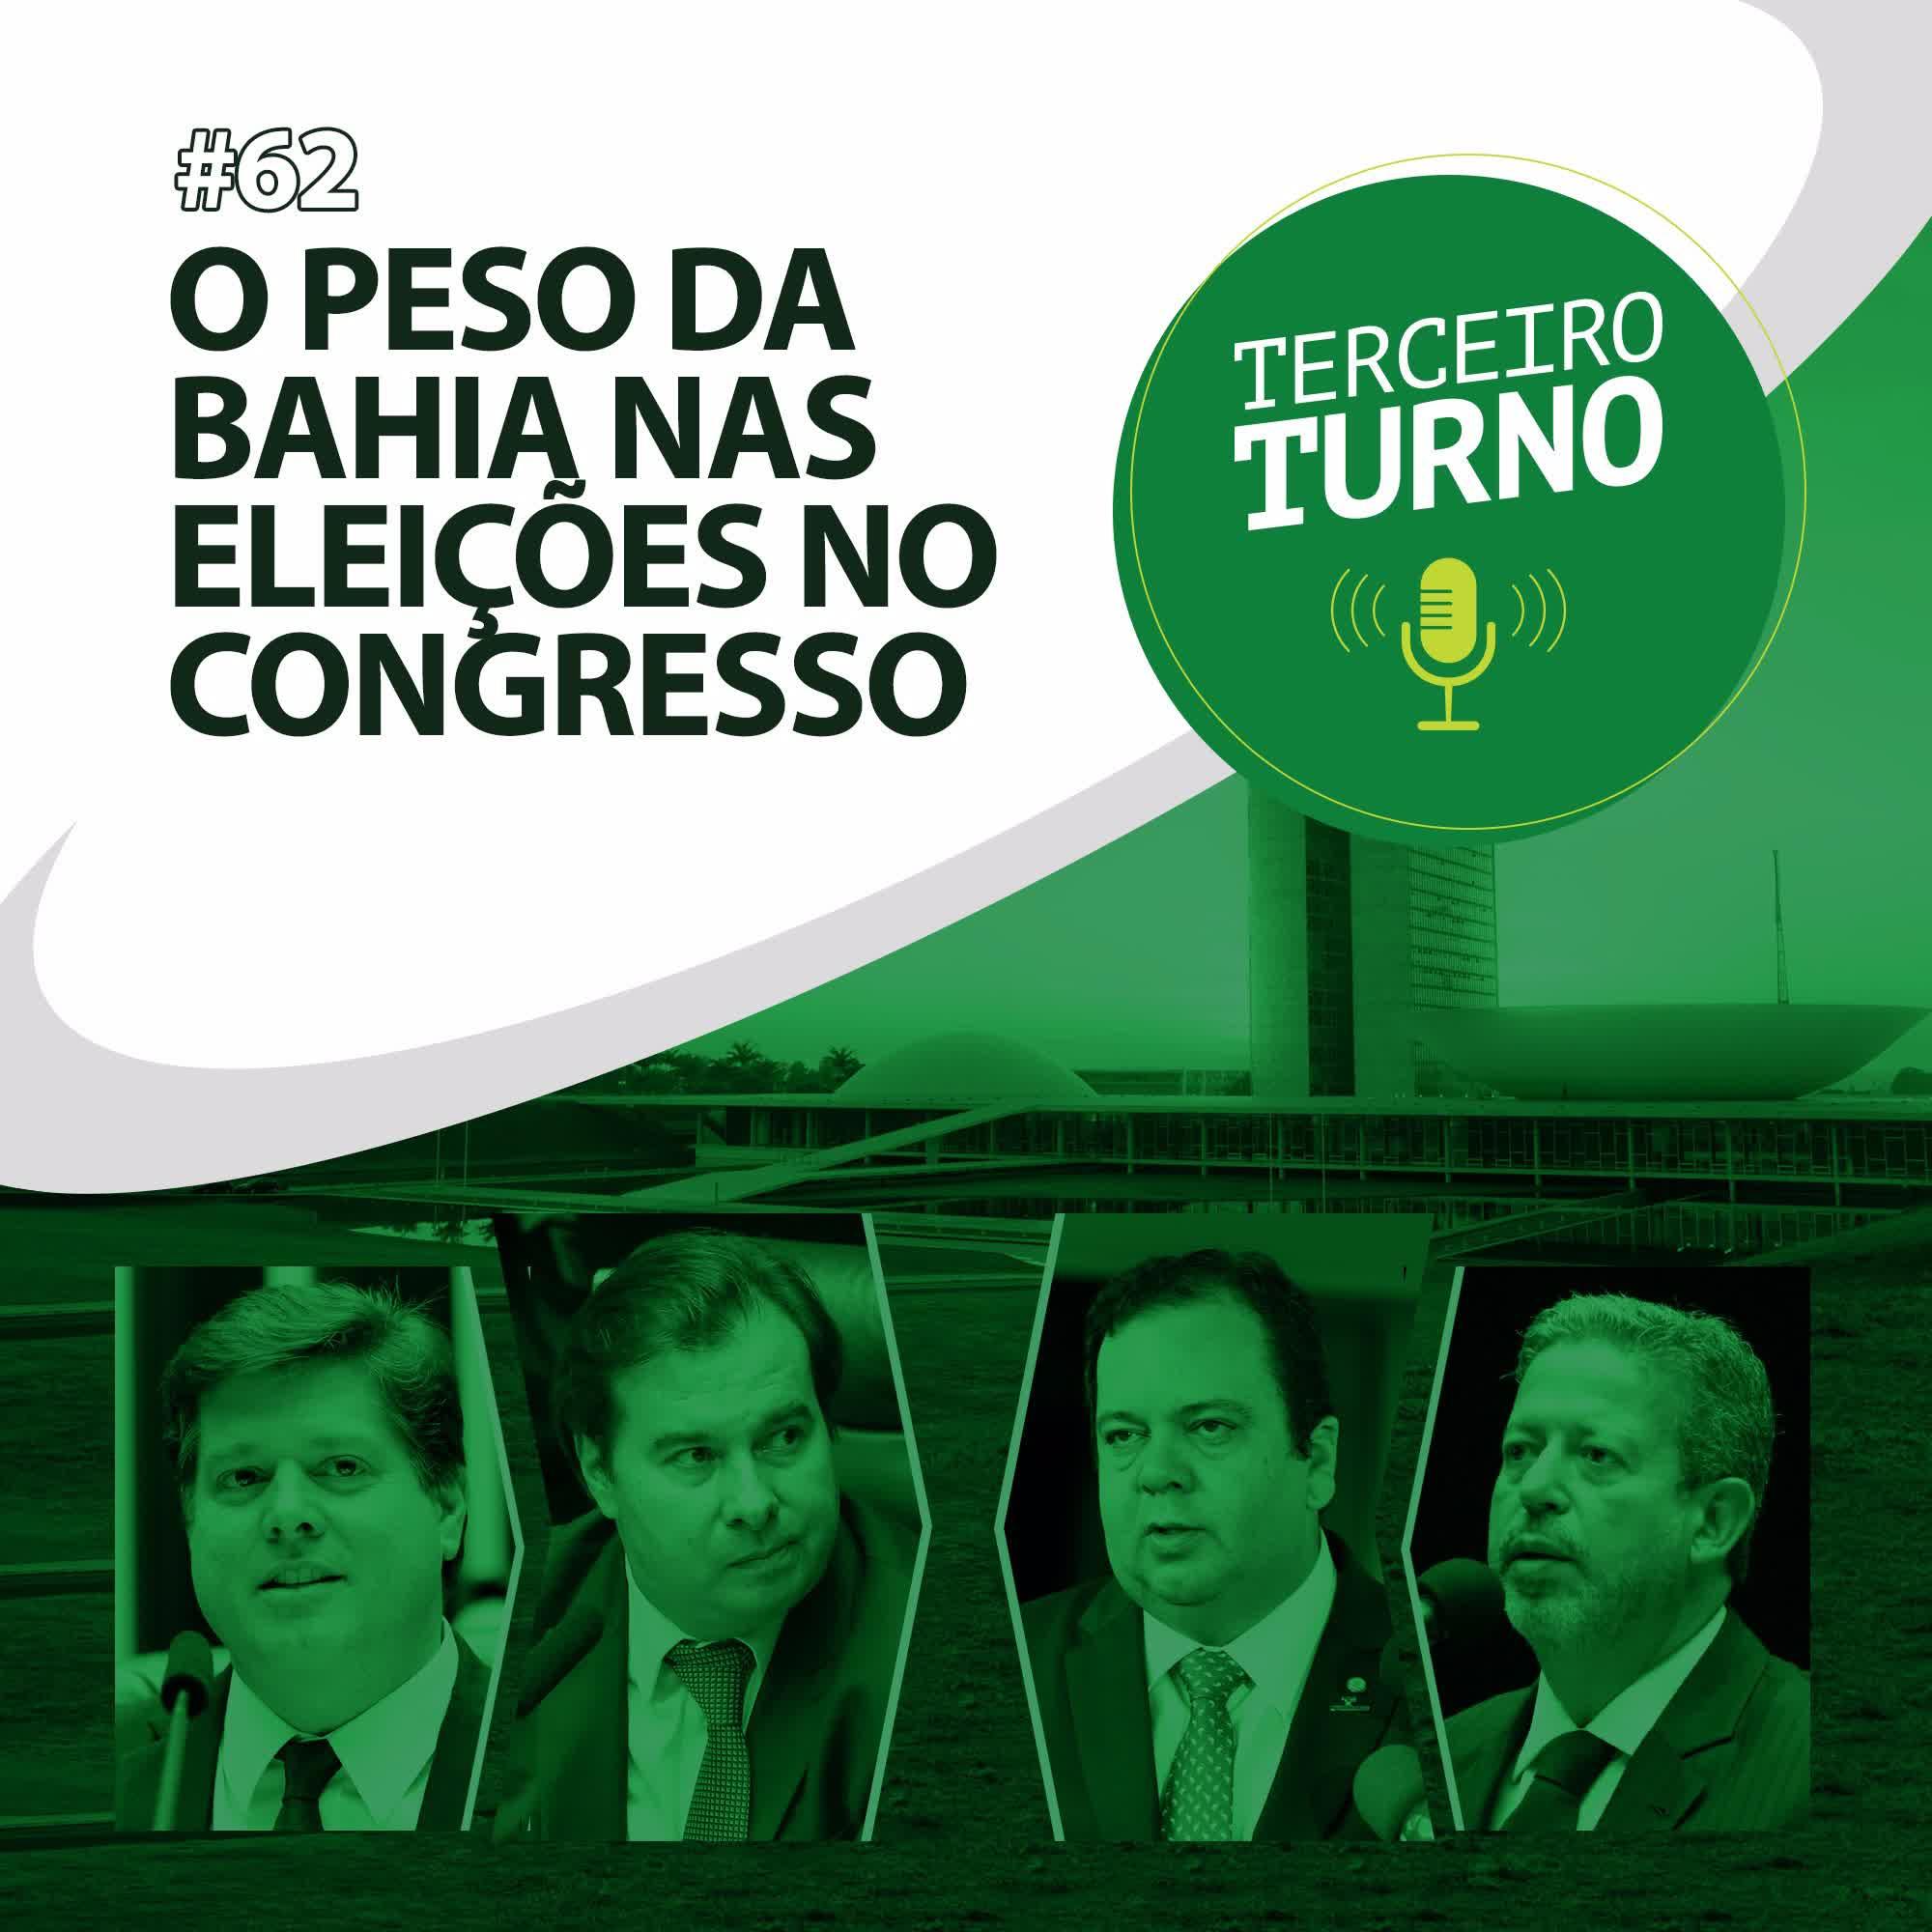 Terceiro Turno #62: O peso da Bahia nas eleições no Congresso